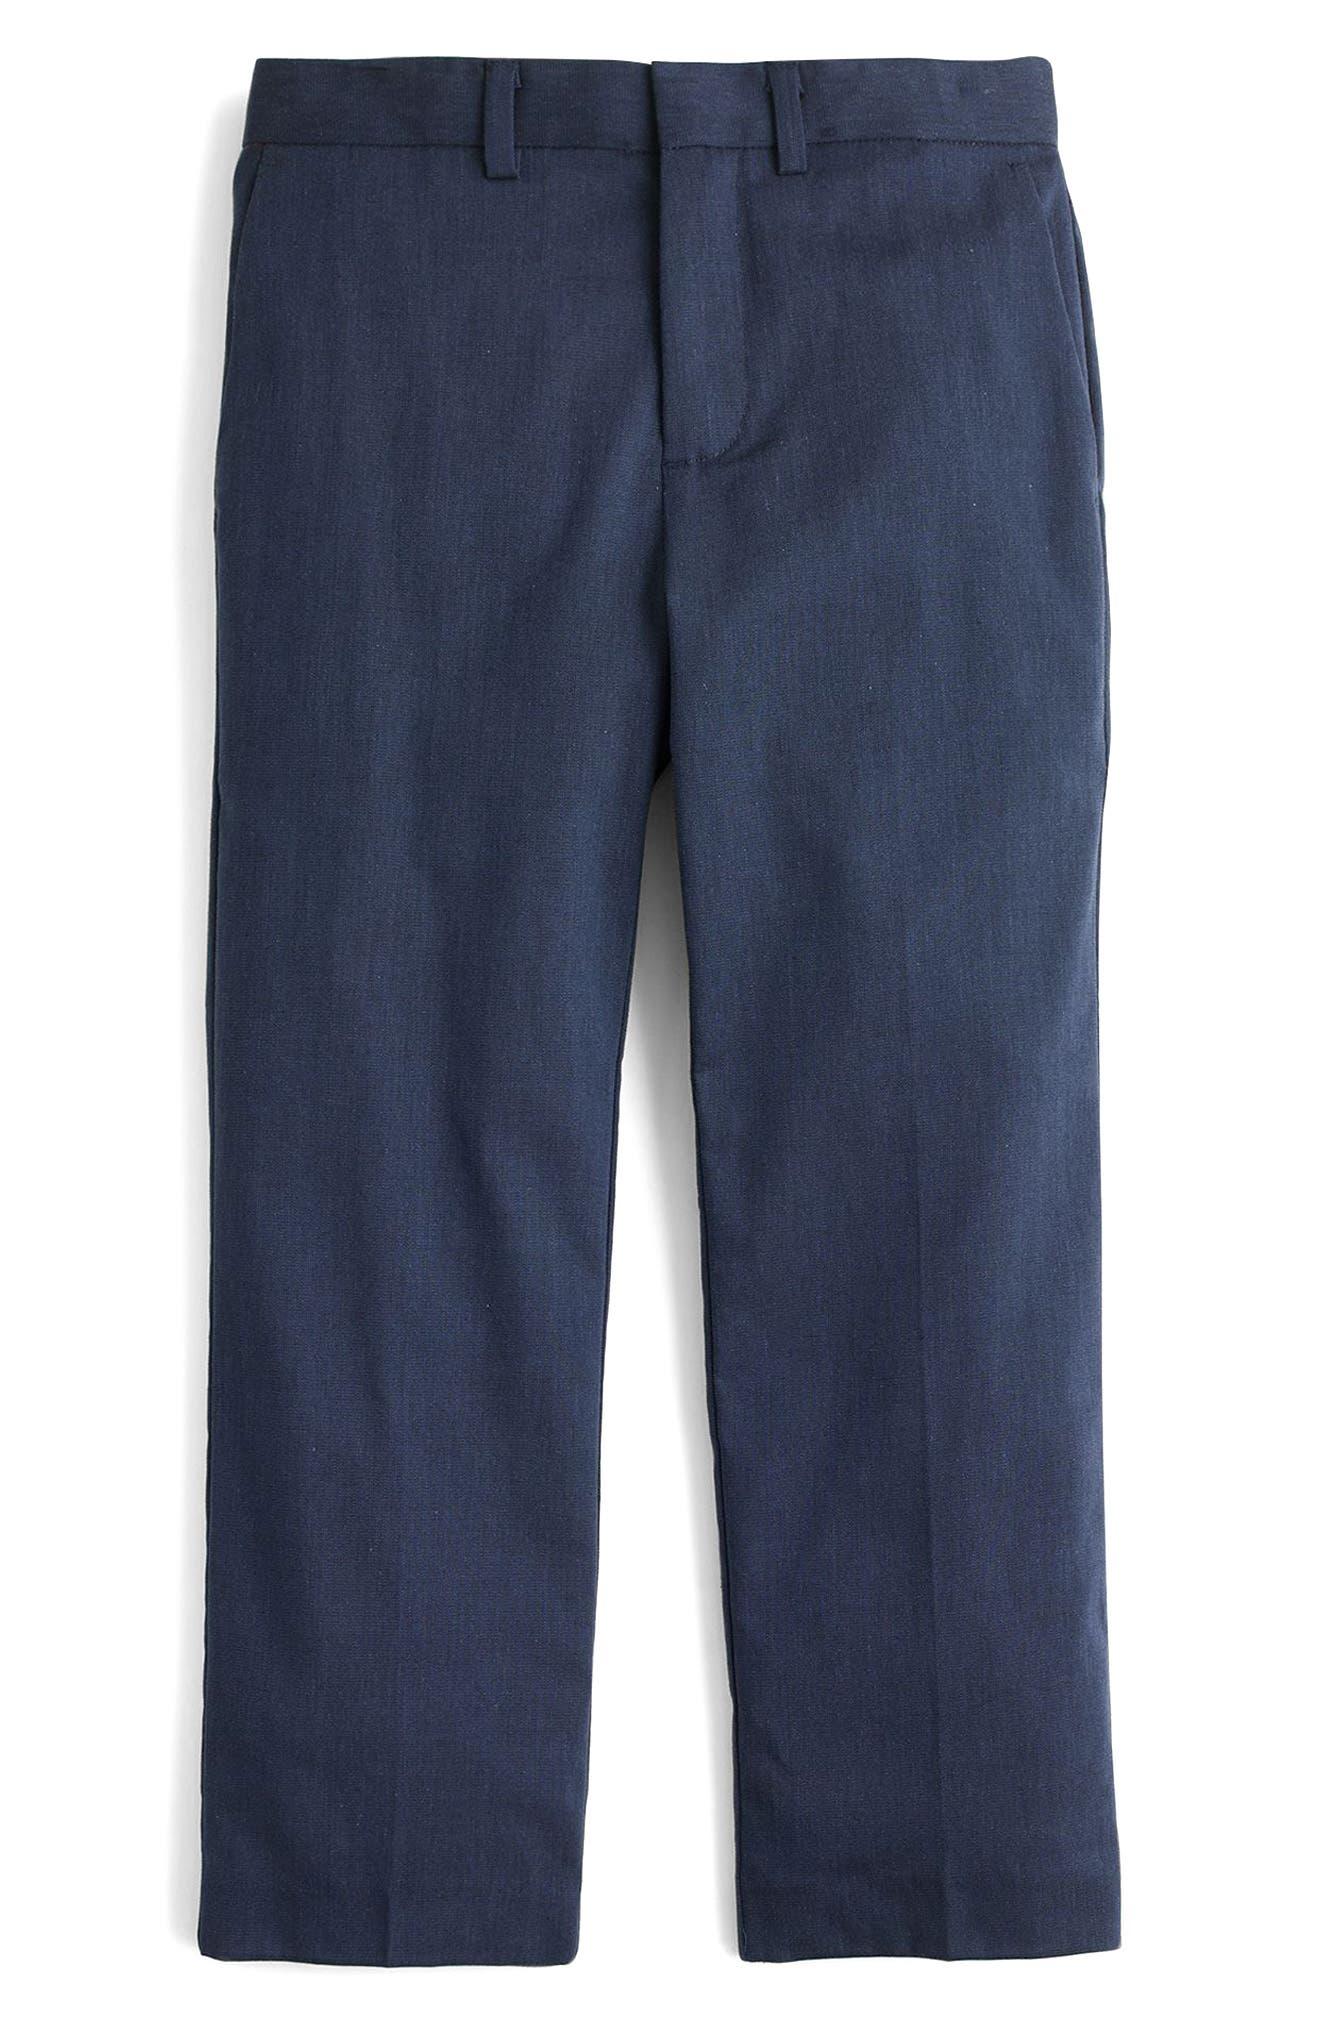 Ludlow Suit Pants,                         Main,                         color, Navy